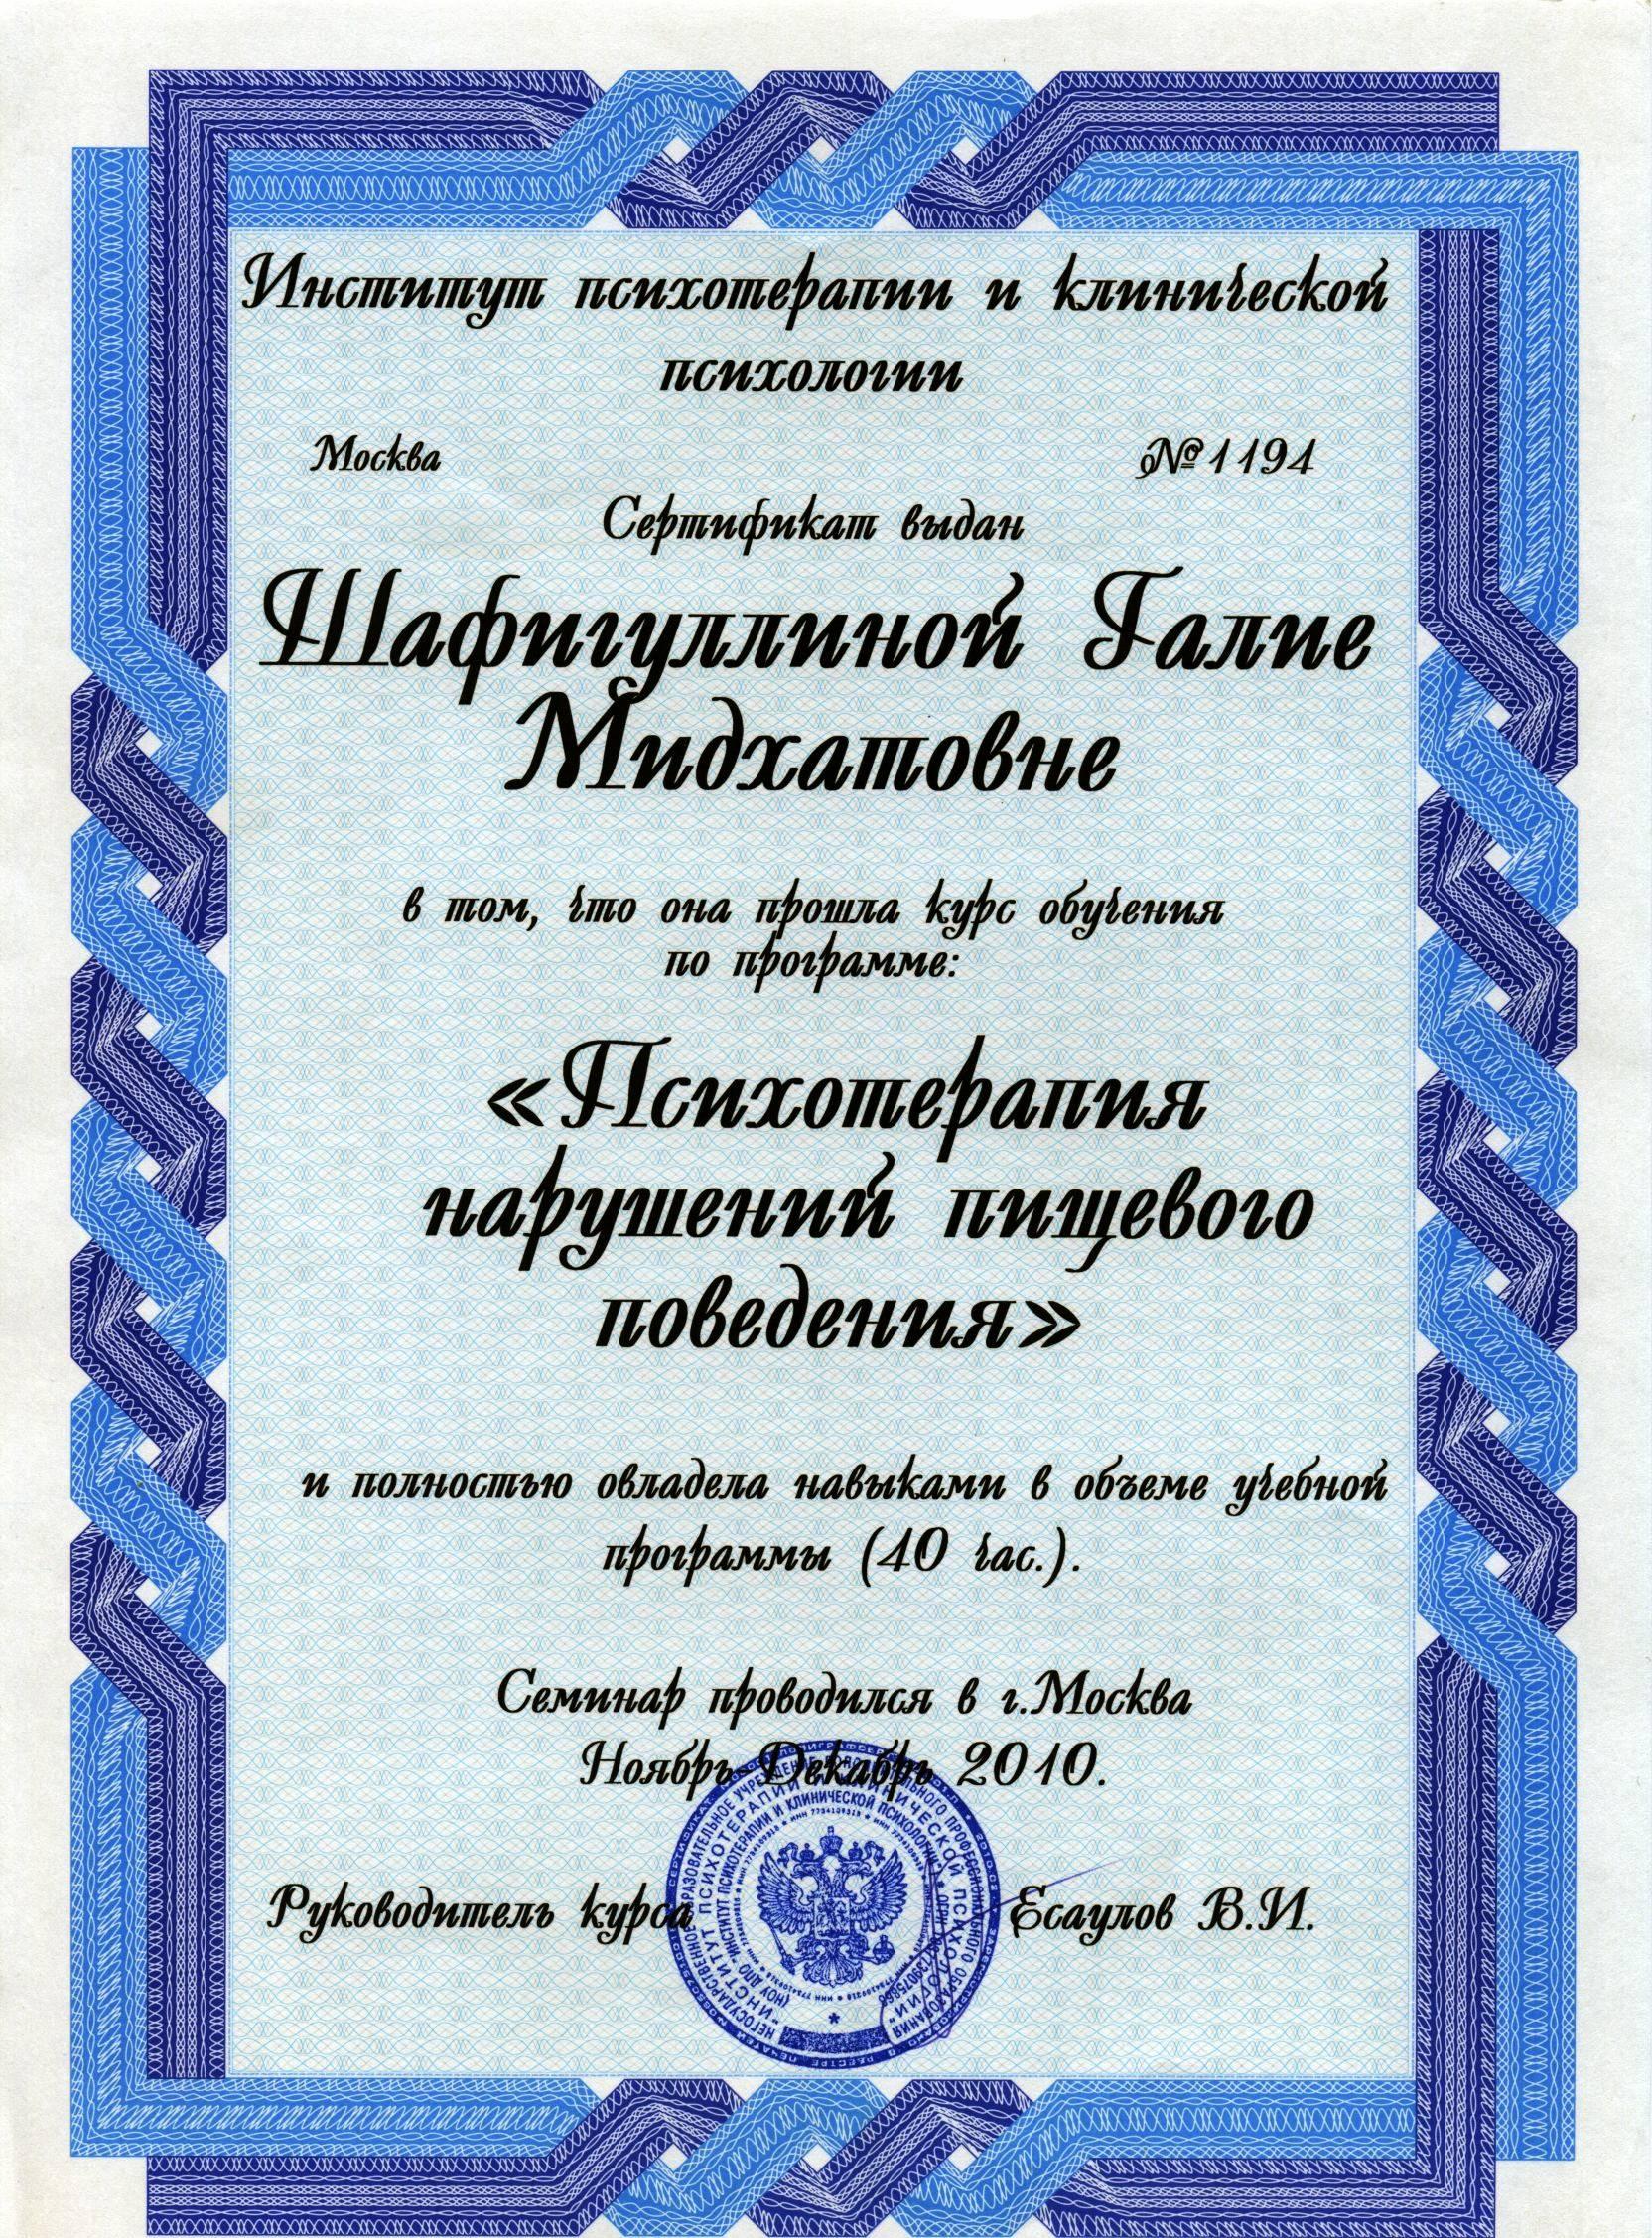 образование диетолога в москве